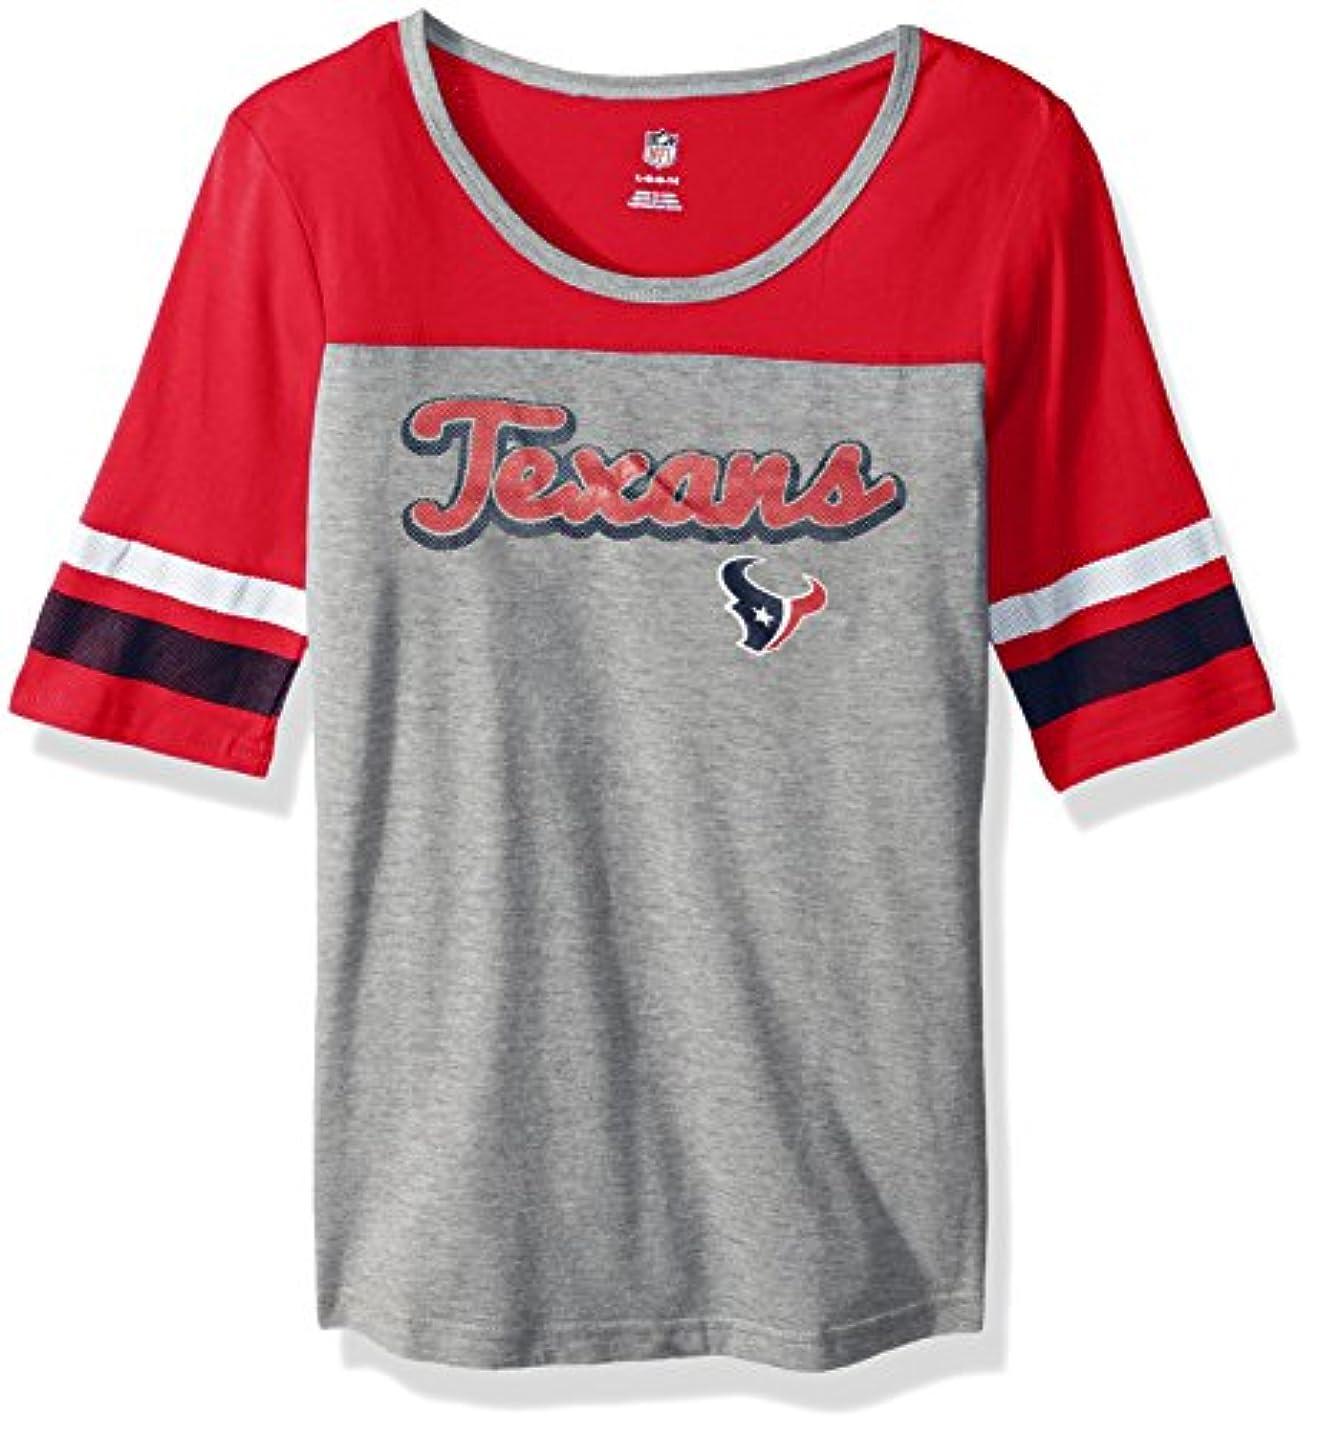 食用コロニアル学習者NFL Girls 716「Fantastic」半袖Tシャツ